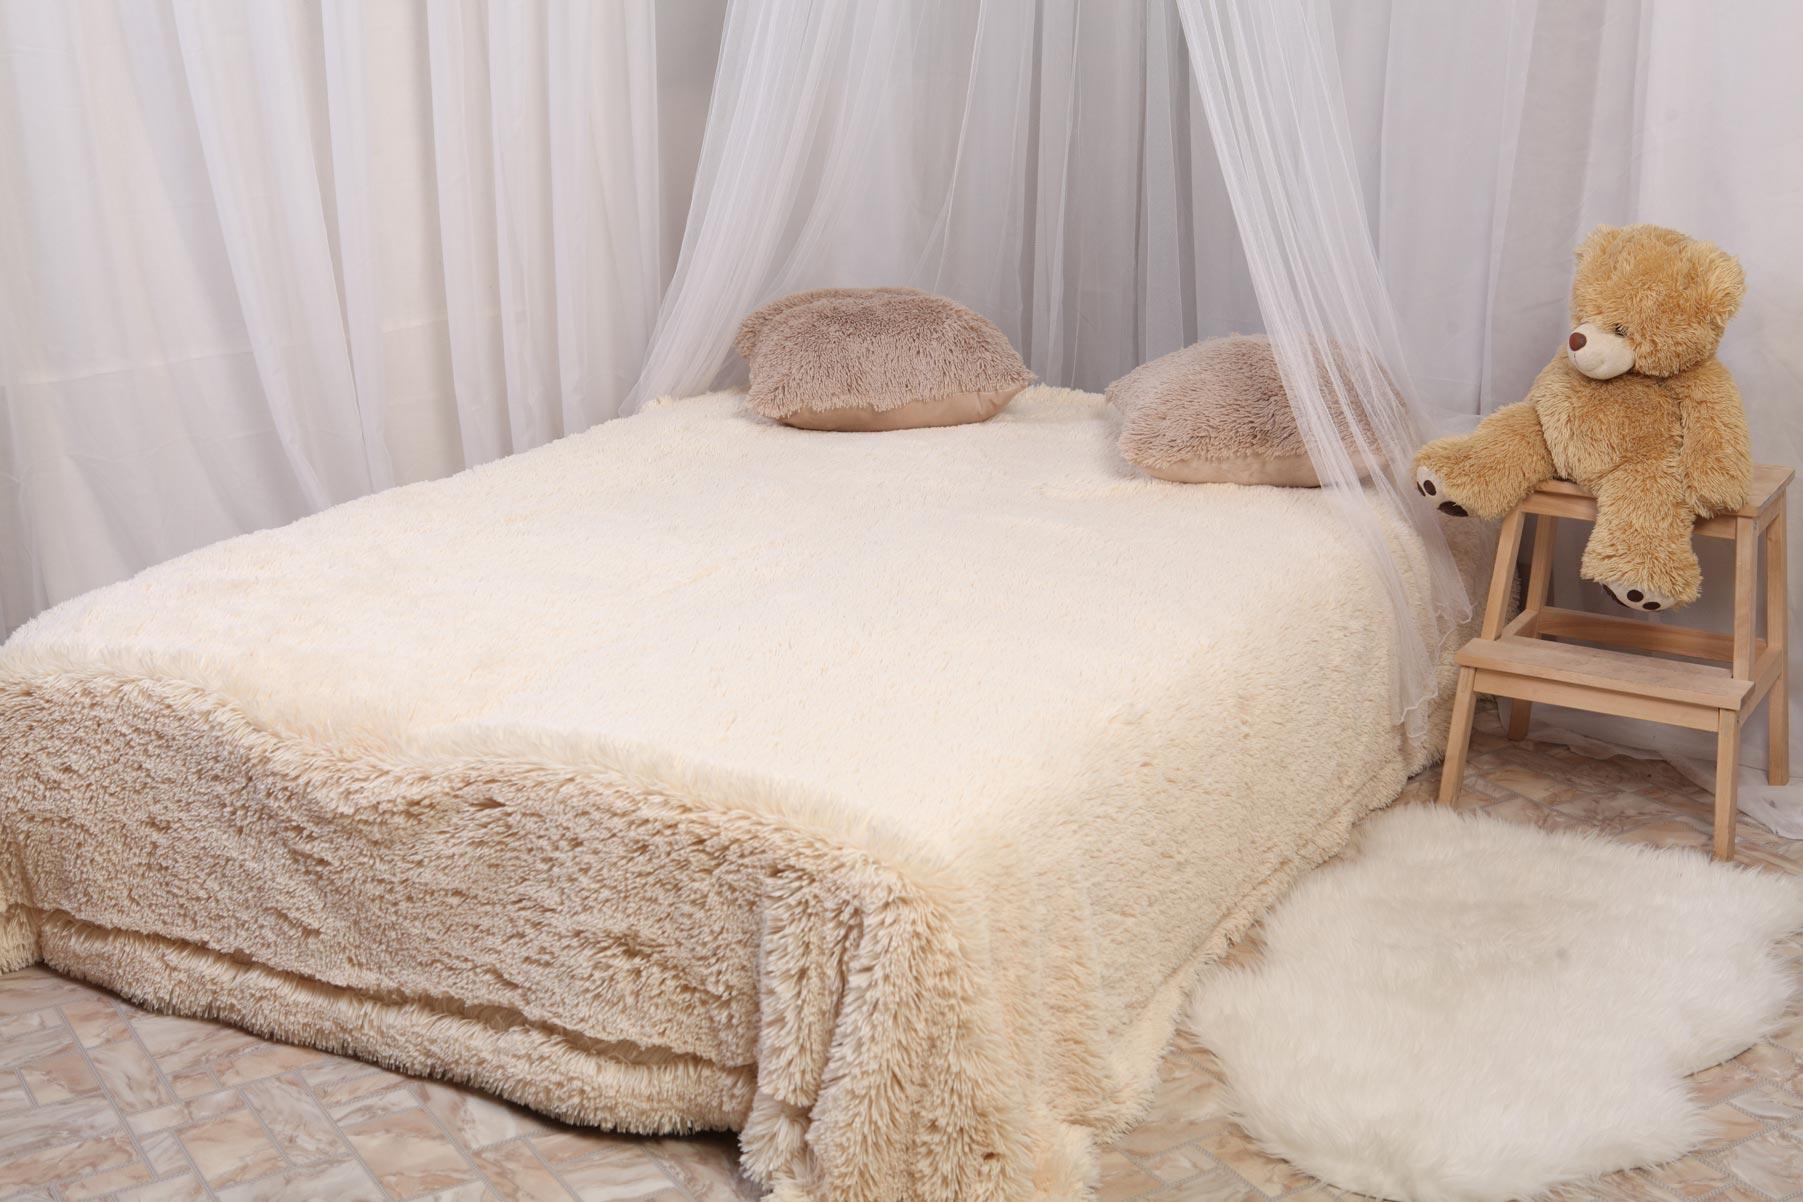 Меховое покрывало на кровати